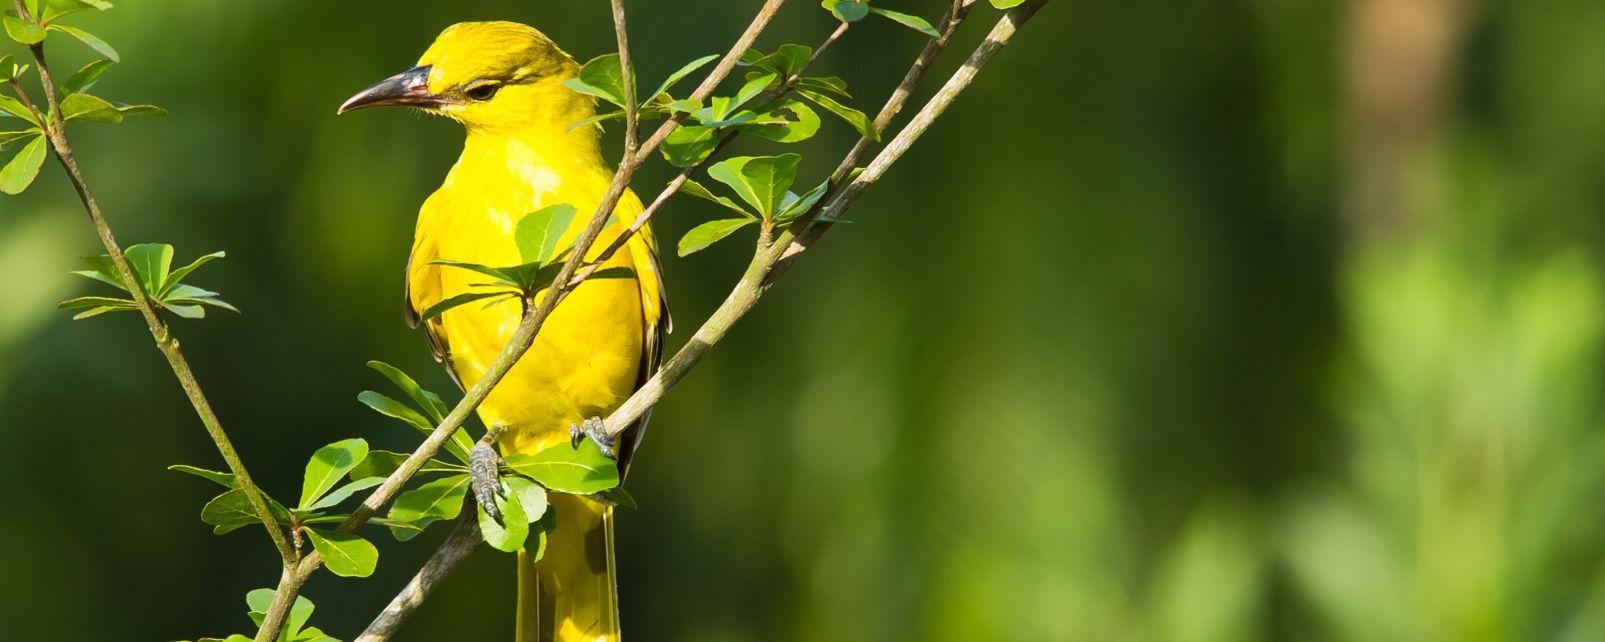 Las aves, Fauna y flora, Polinesia Australes